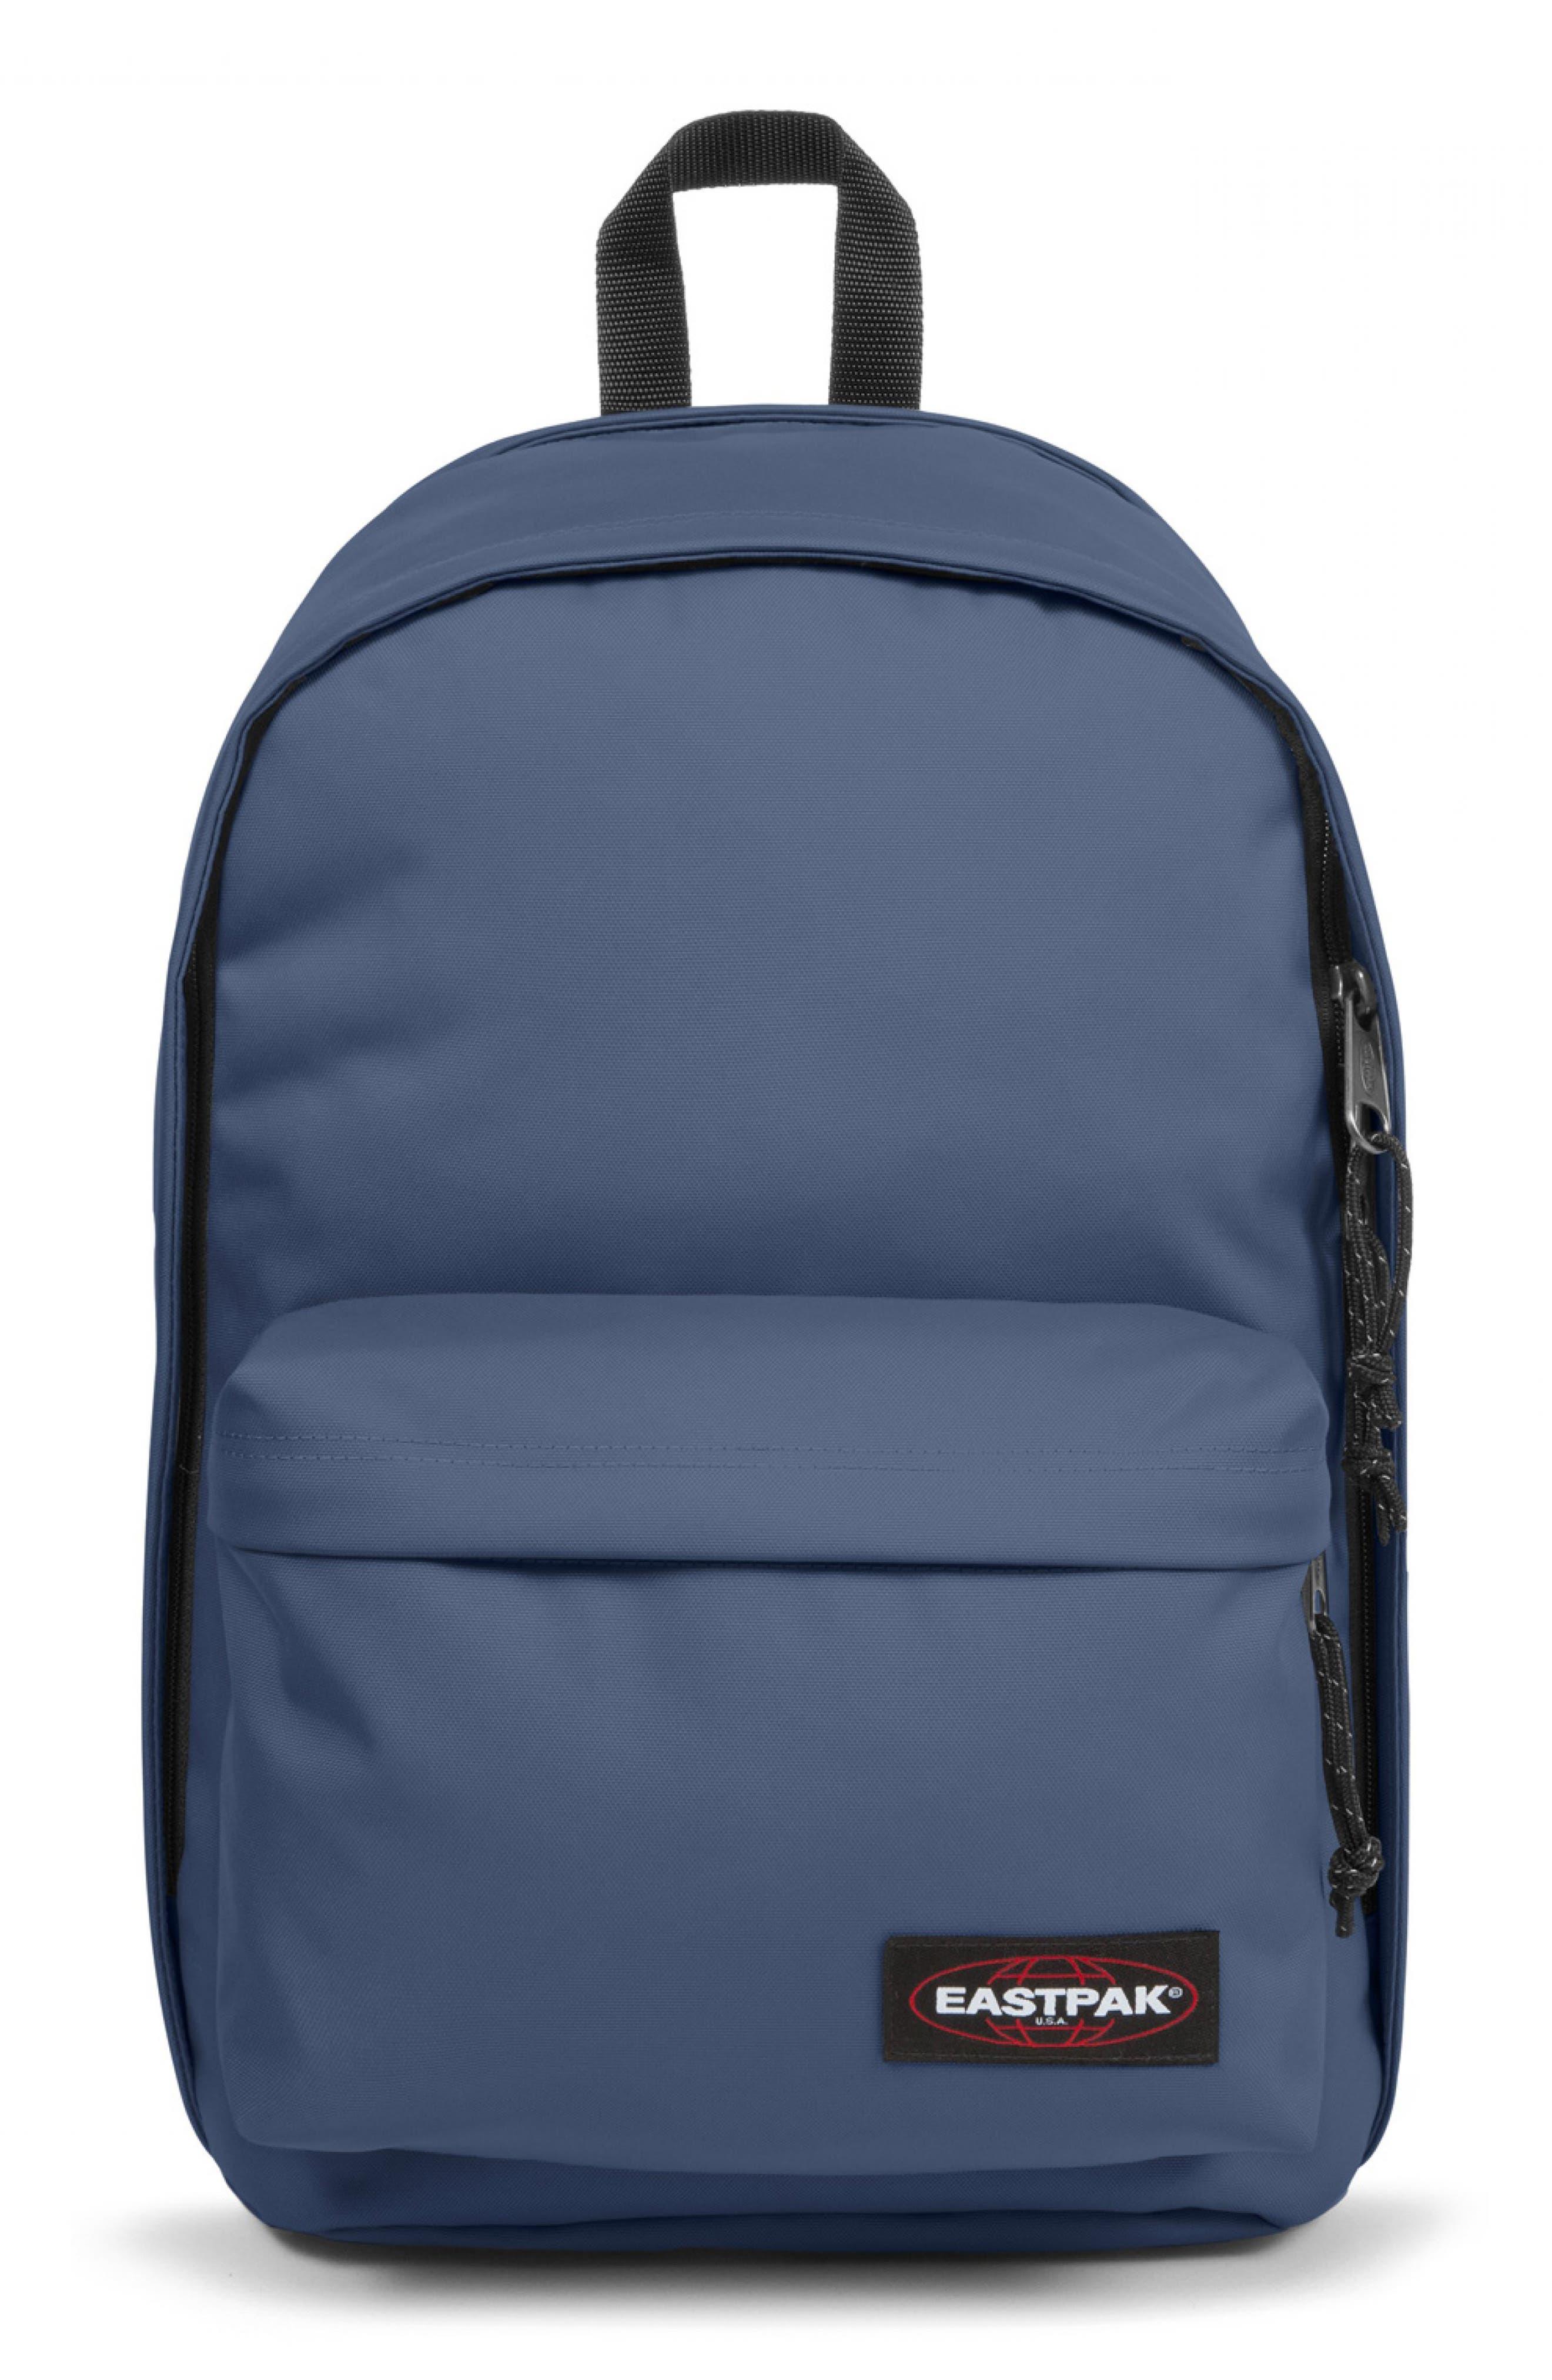 Eastpak Back To Work Backpack - Blue